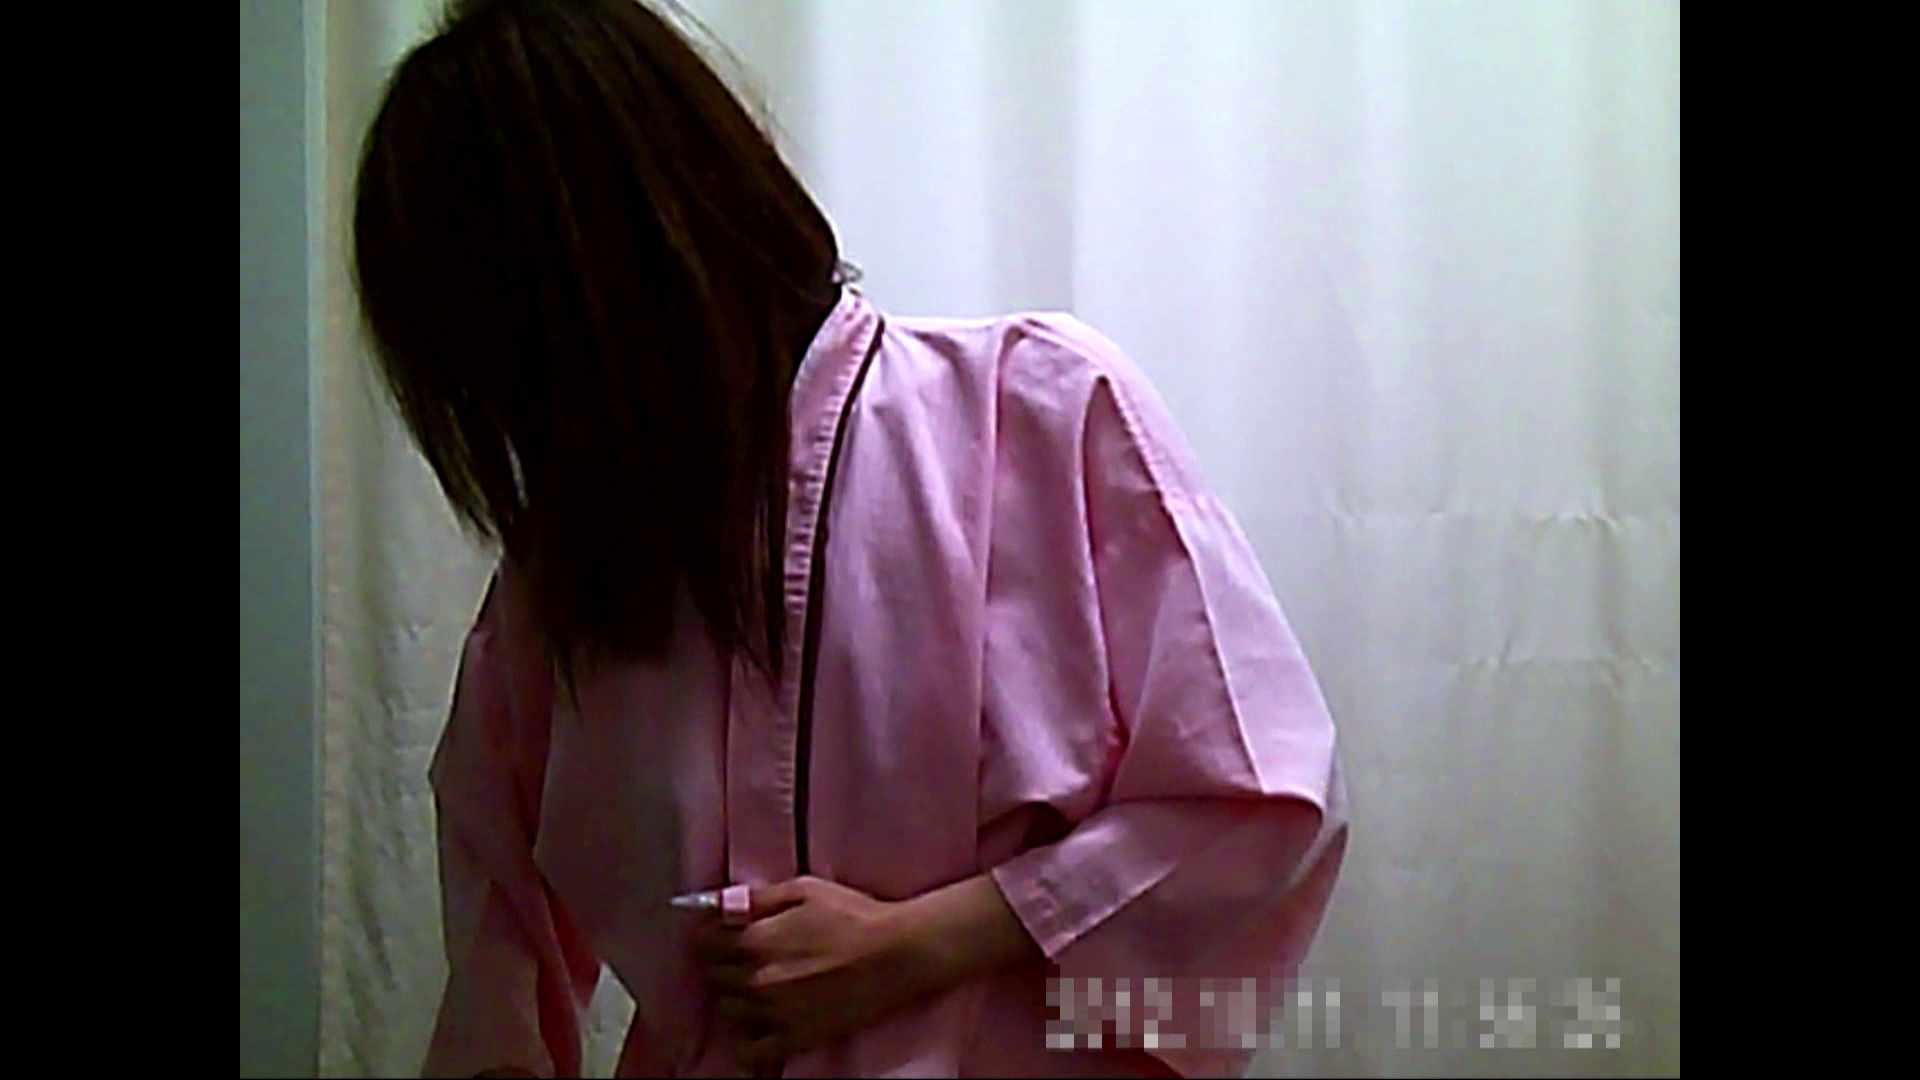 元医者による反抗 更衣室地獄絵巻 vol.062 OLハメ撮り  58Pix 2